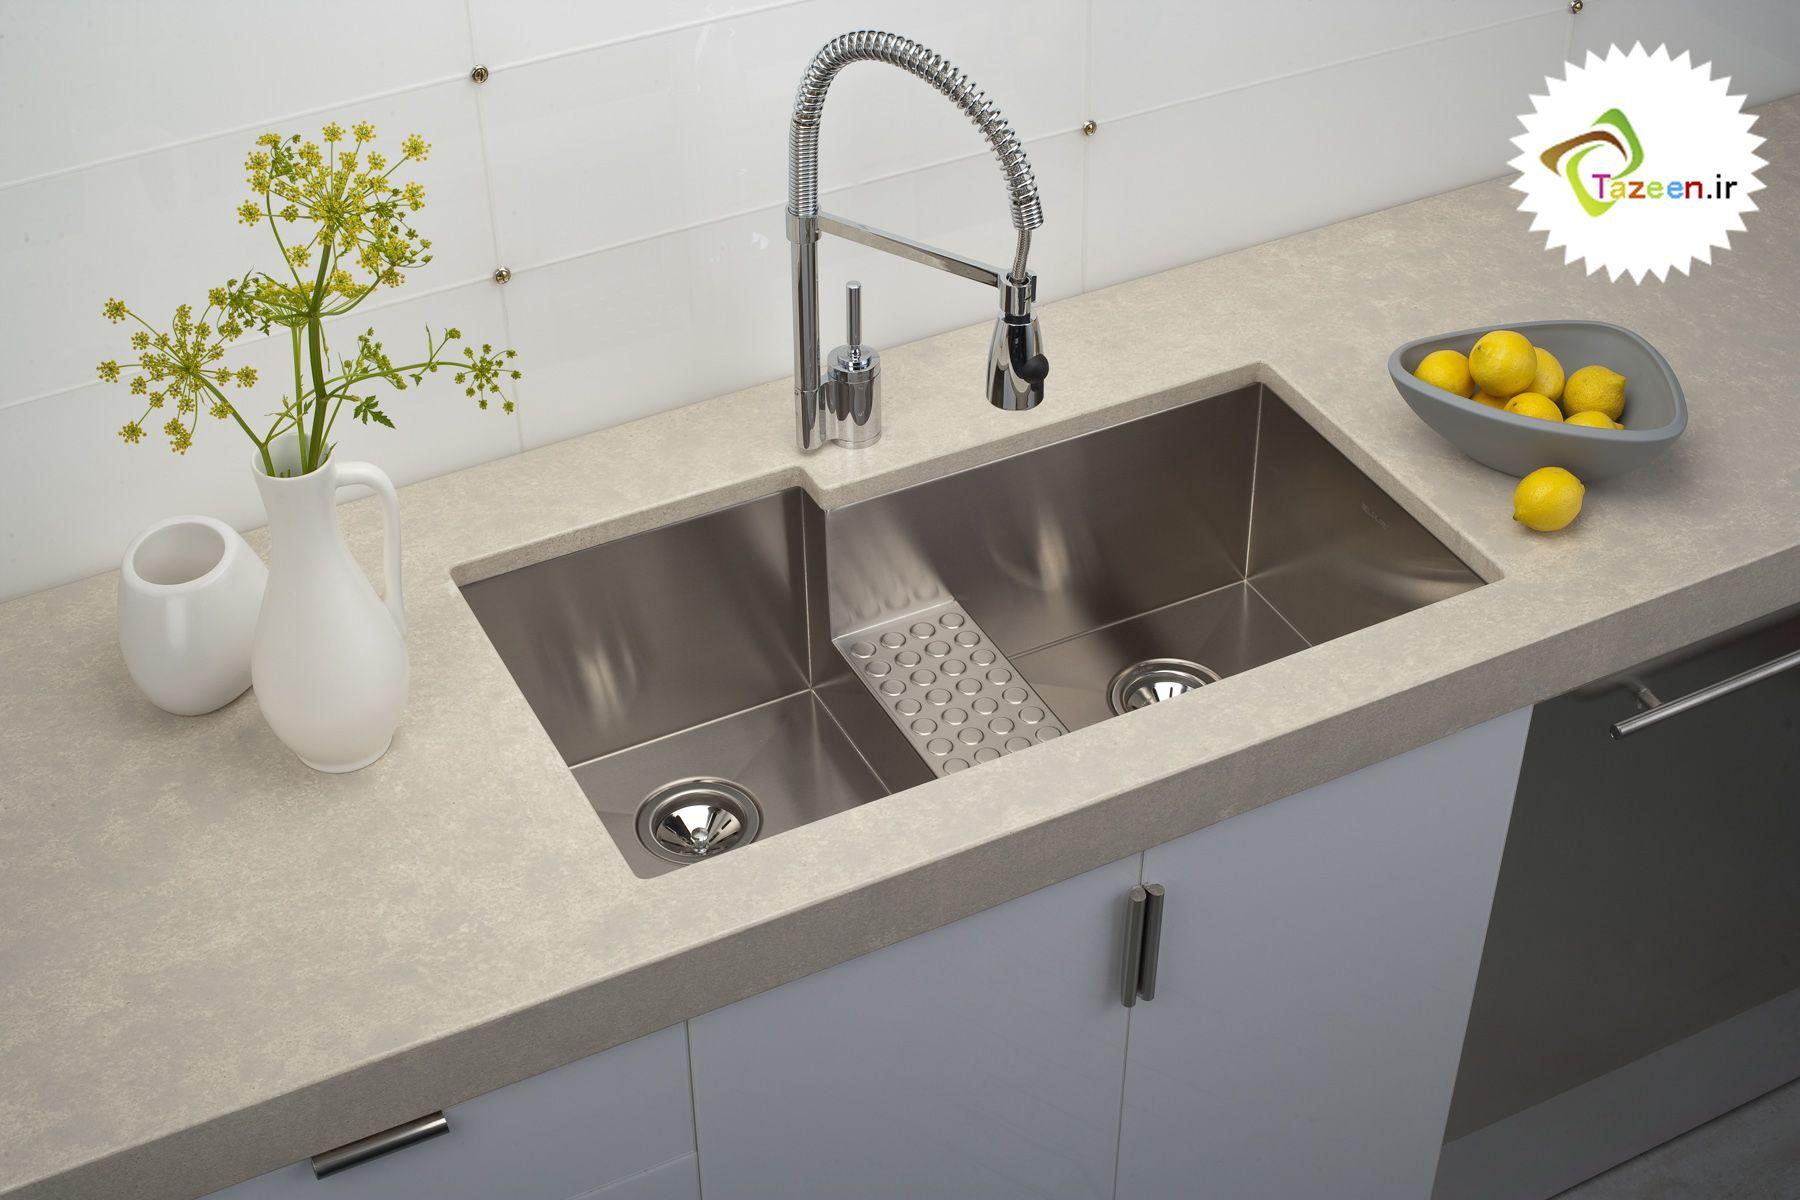 سینک ظرفشویی شیک و جدید وب سایت تزئین Best Kitchen Sinks